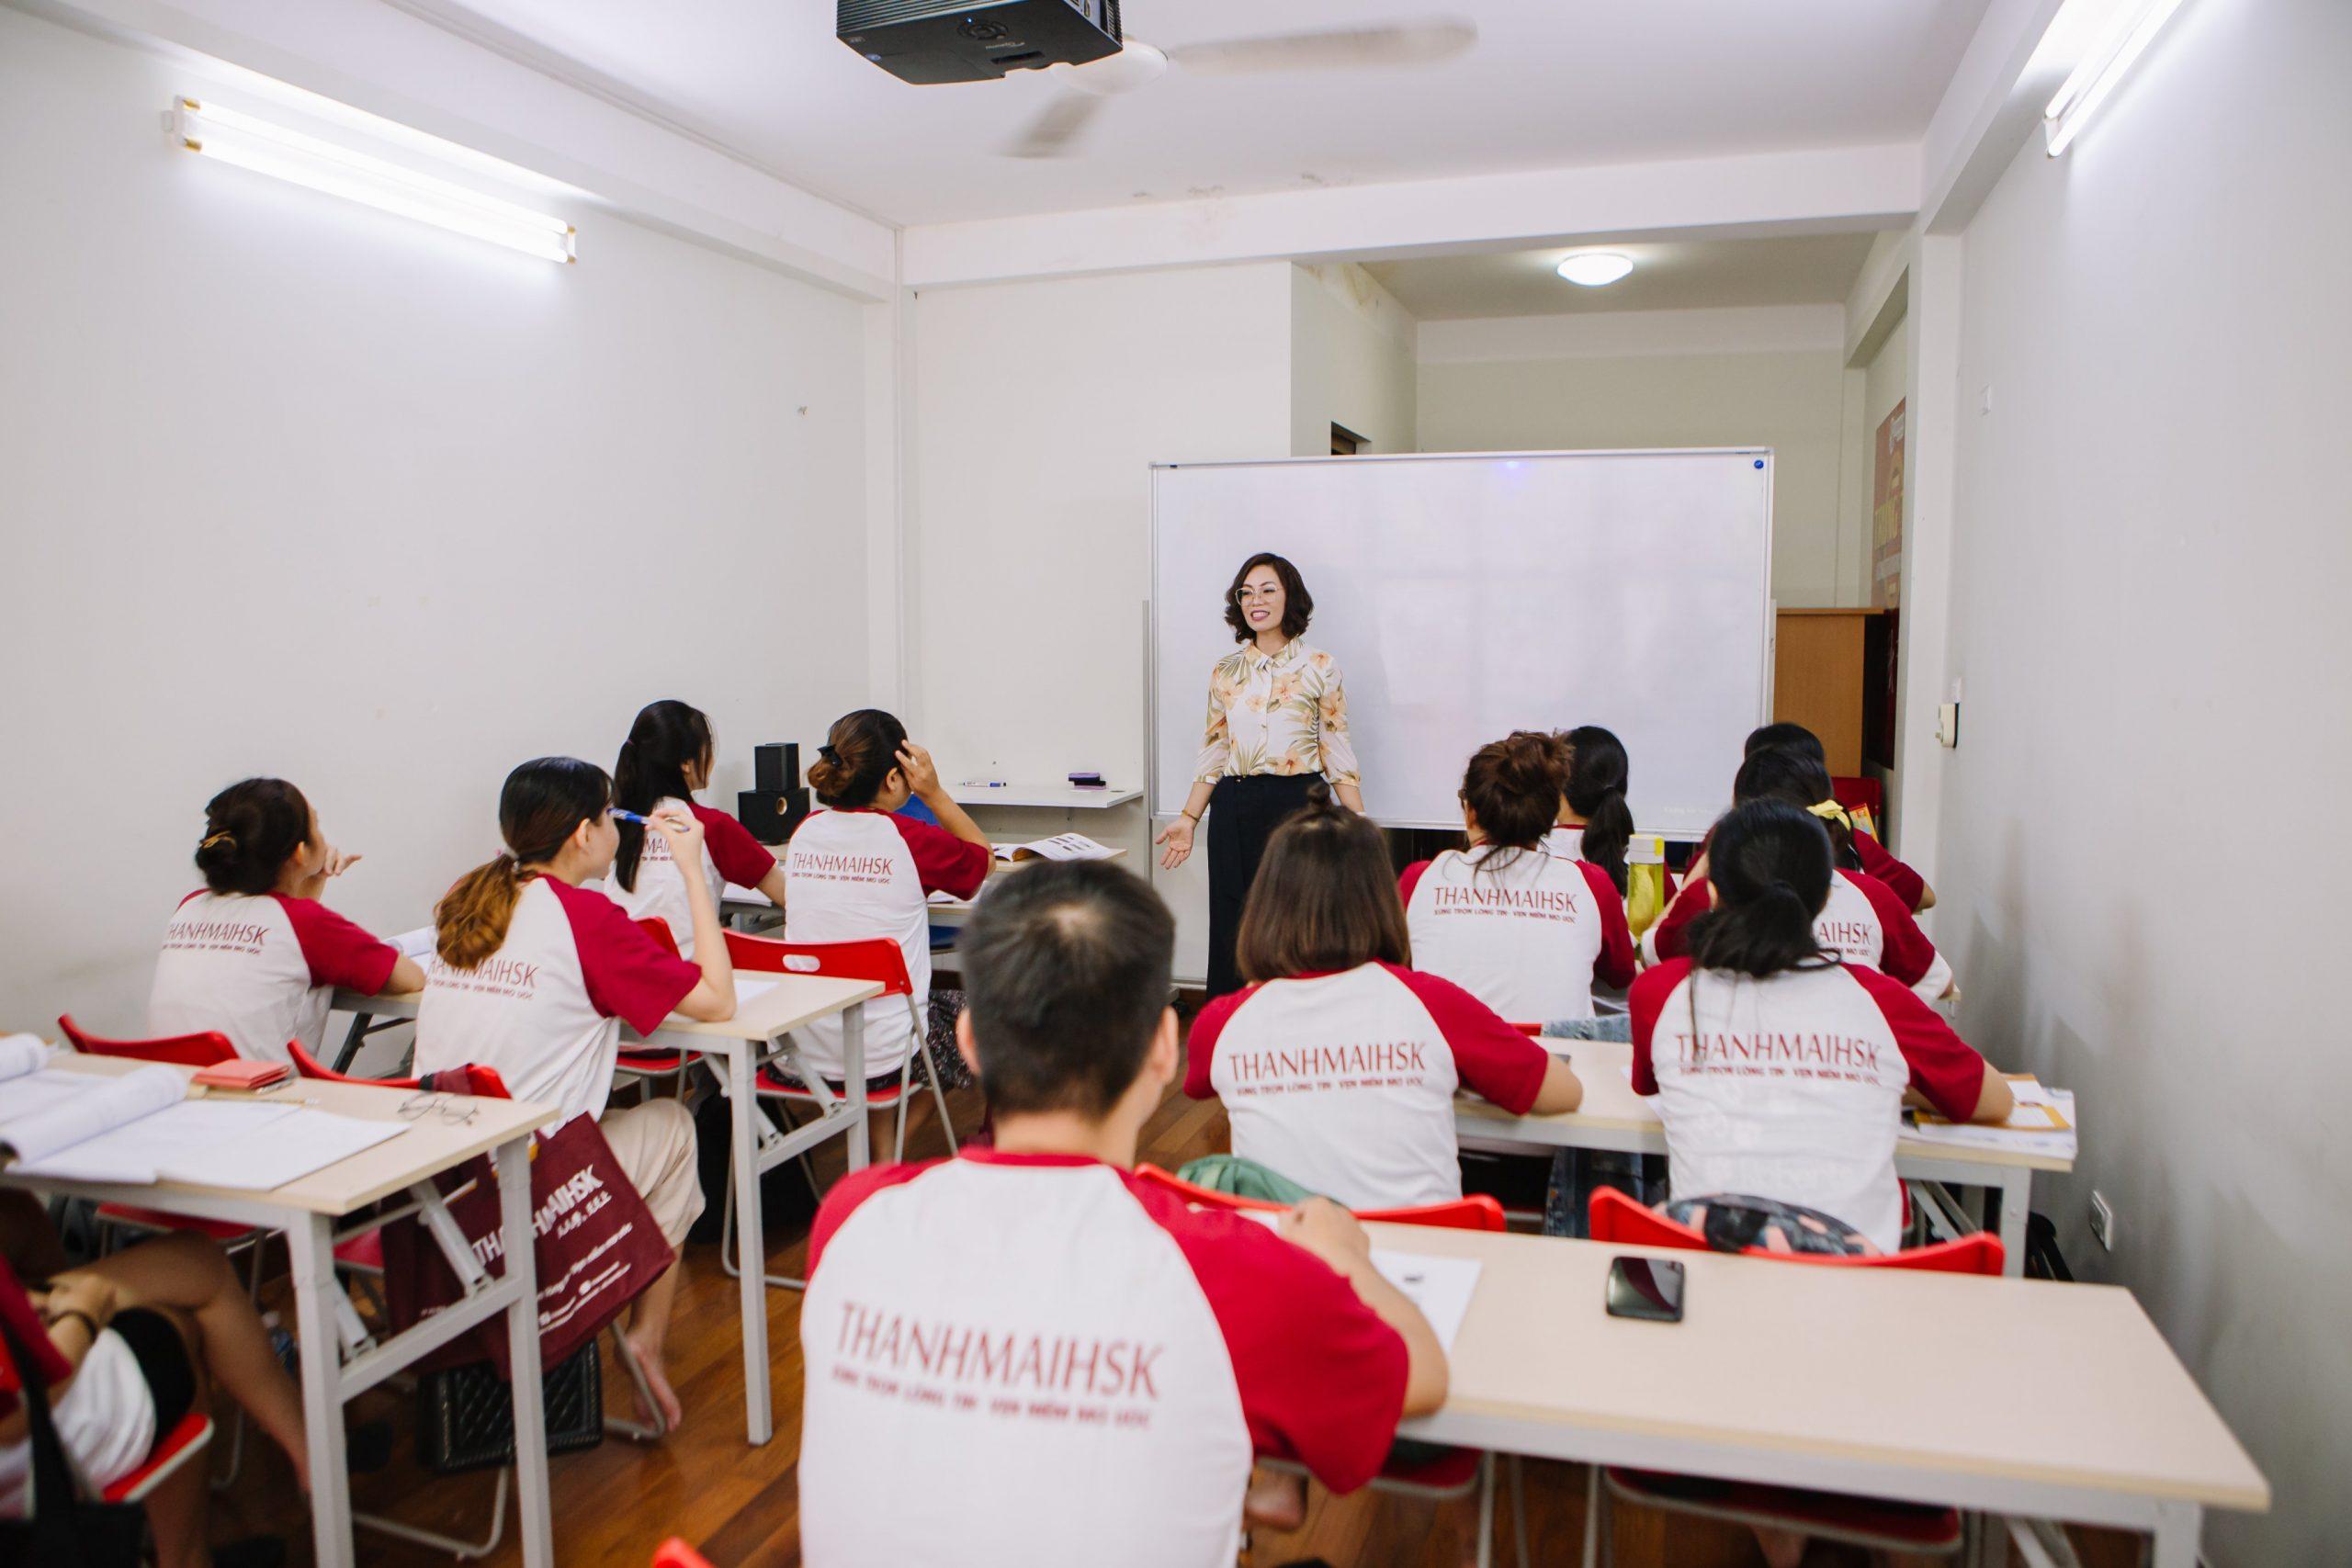 Hình ảnh Top 15 các trung tâm dạy tiếng trung tại TPHCM 2